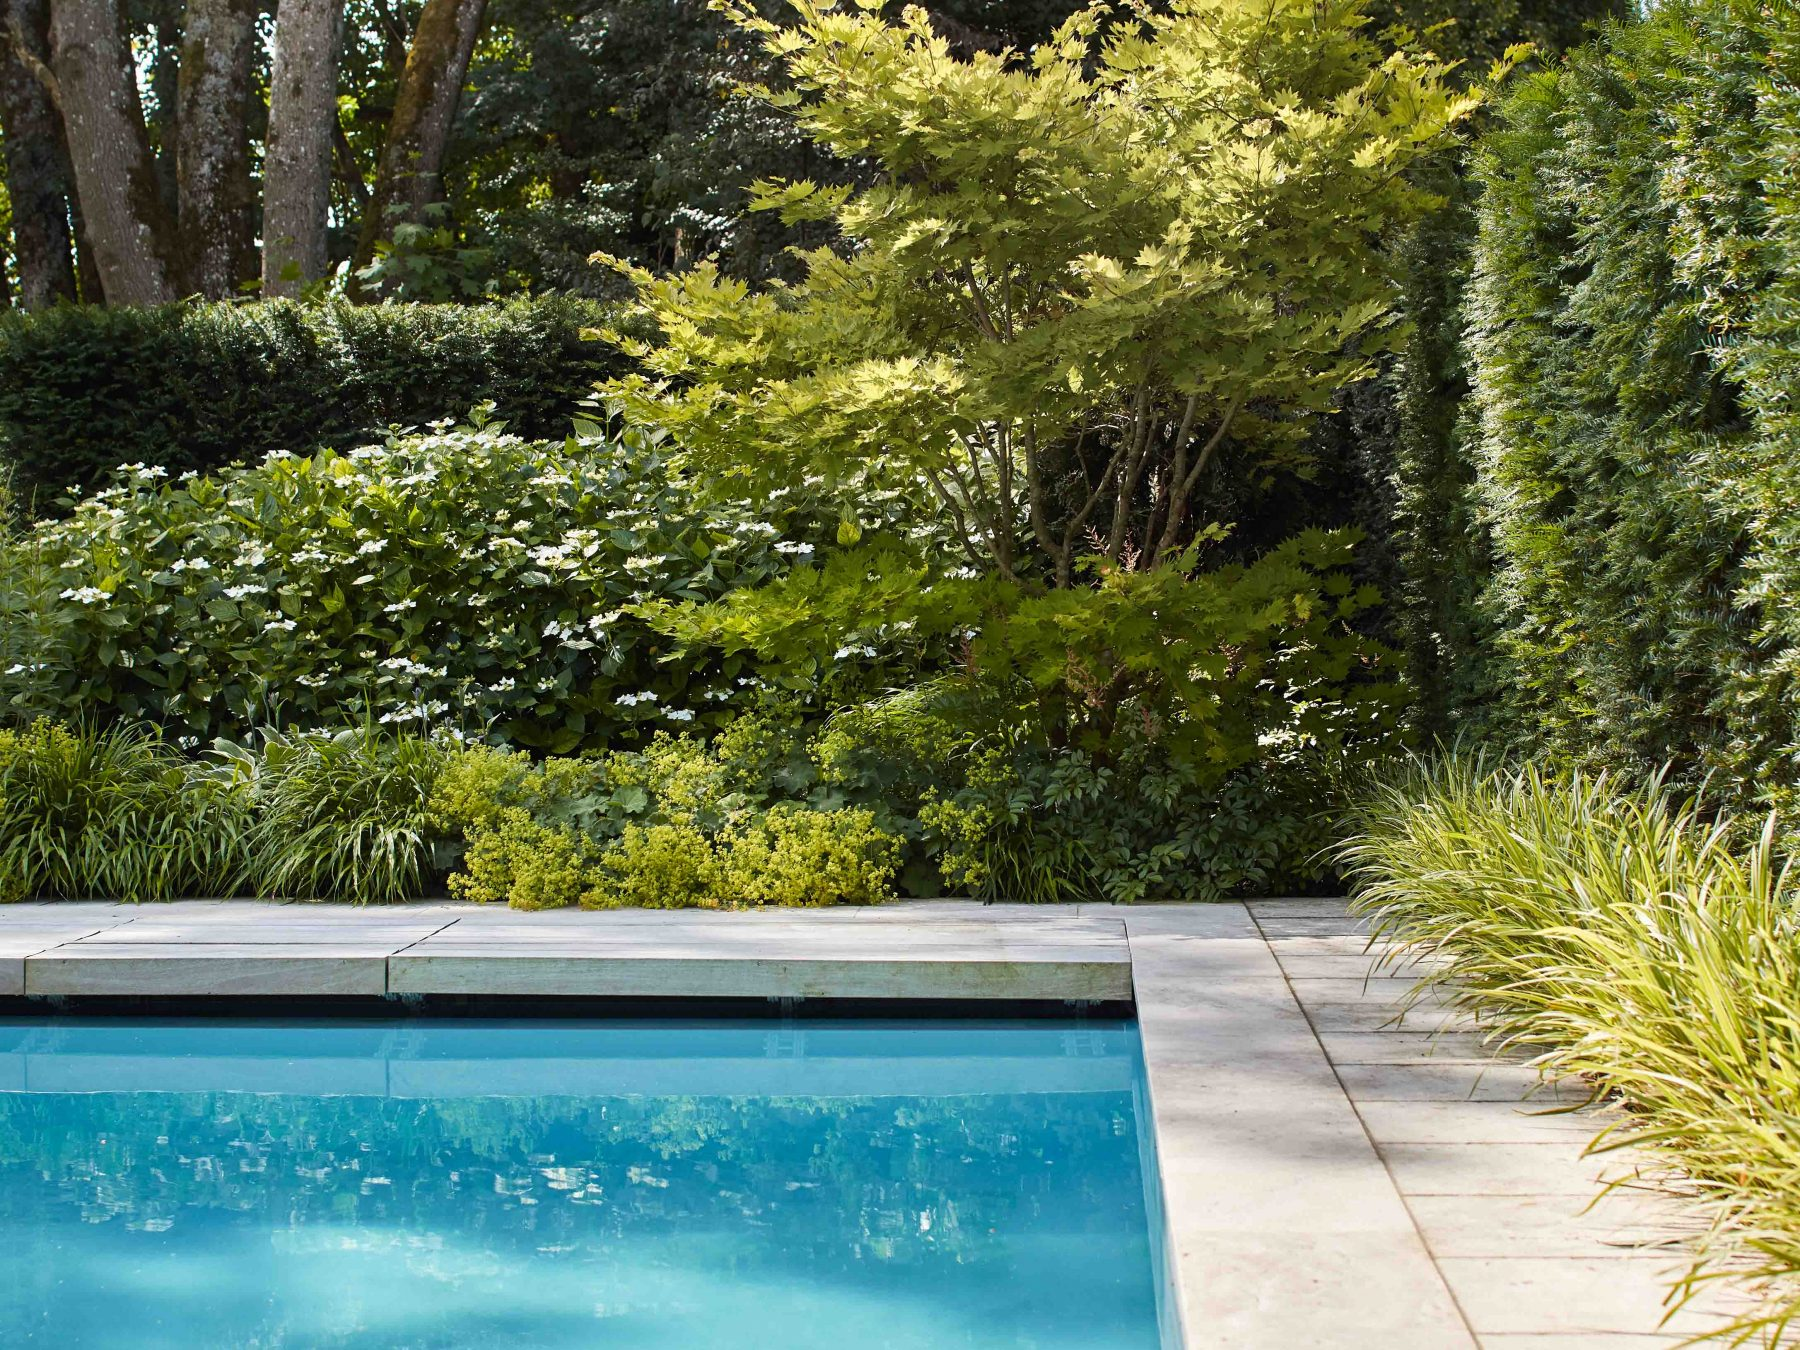 Der Pool wird von Platten aus Travertin eingefasst.